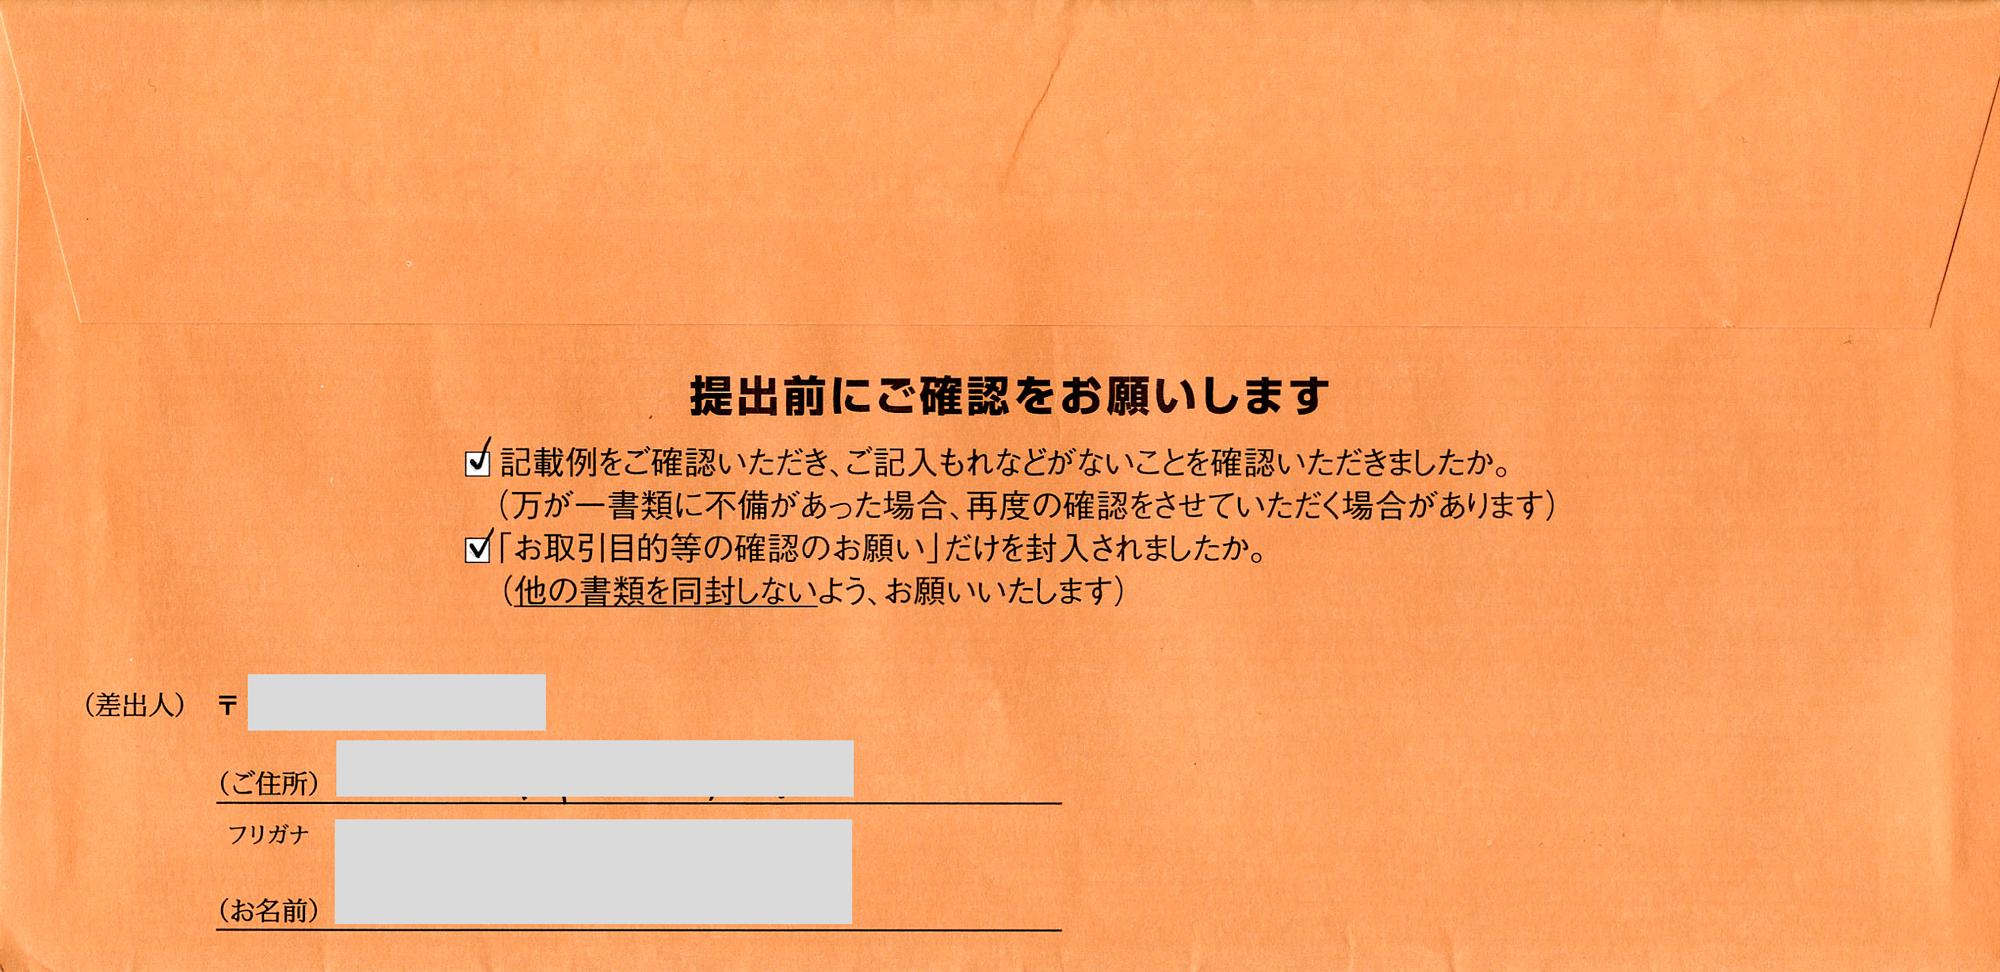 ゆうちょ銀行の封筒【裏面】